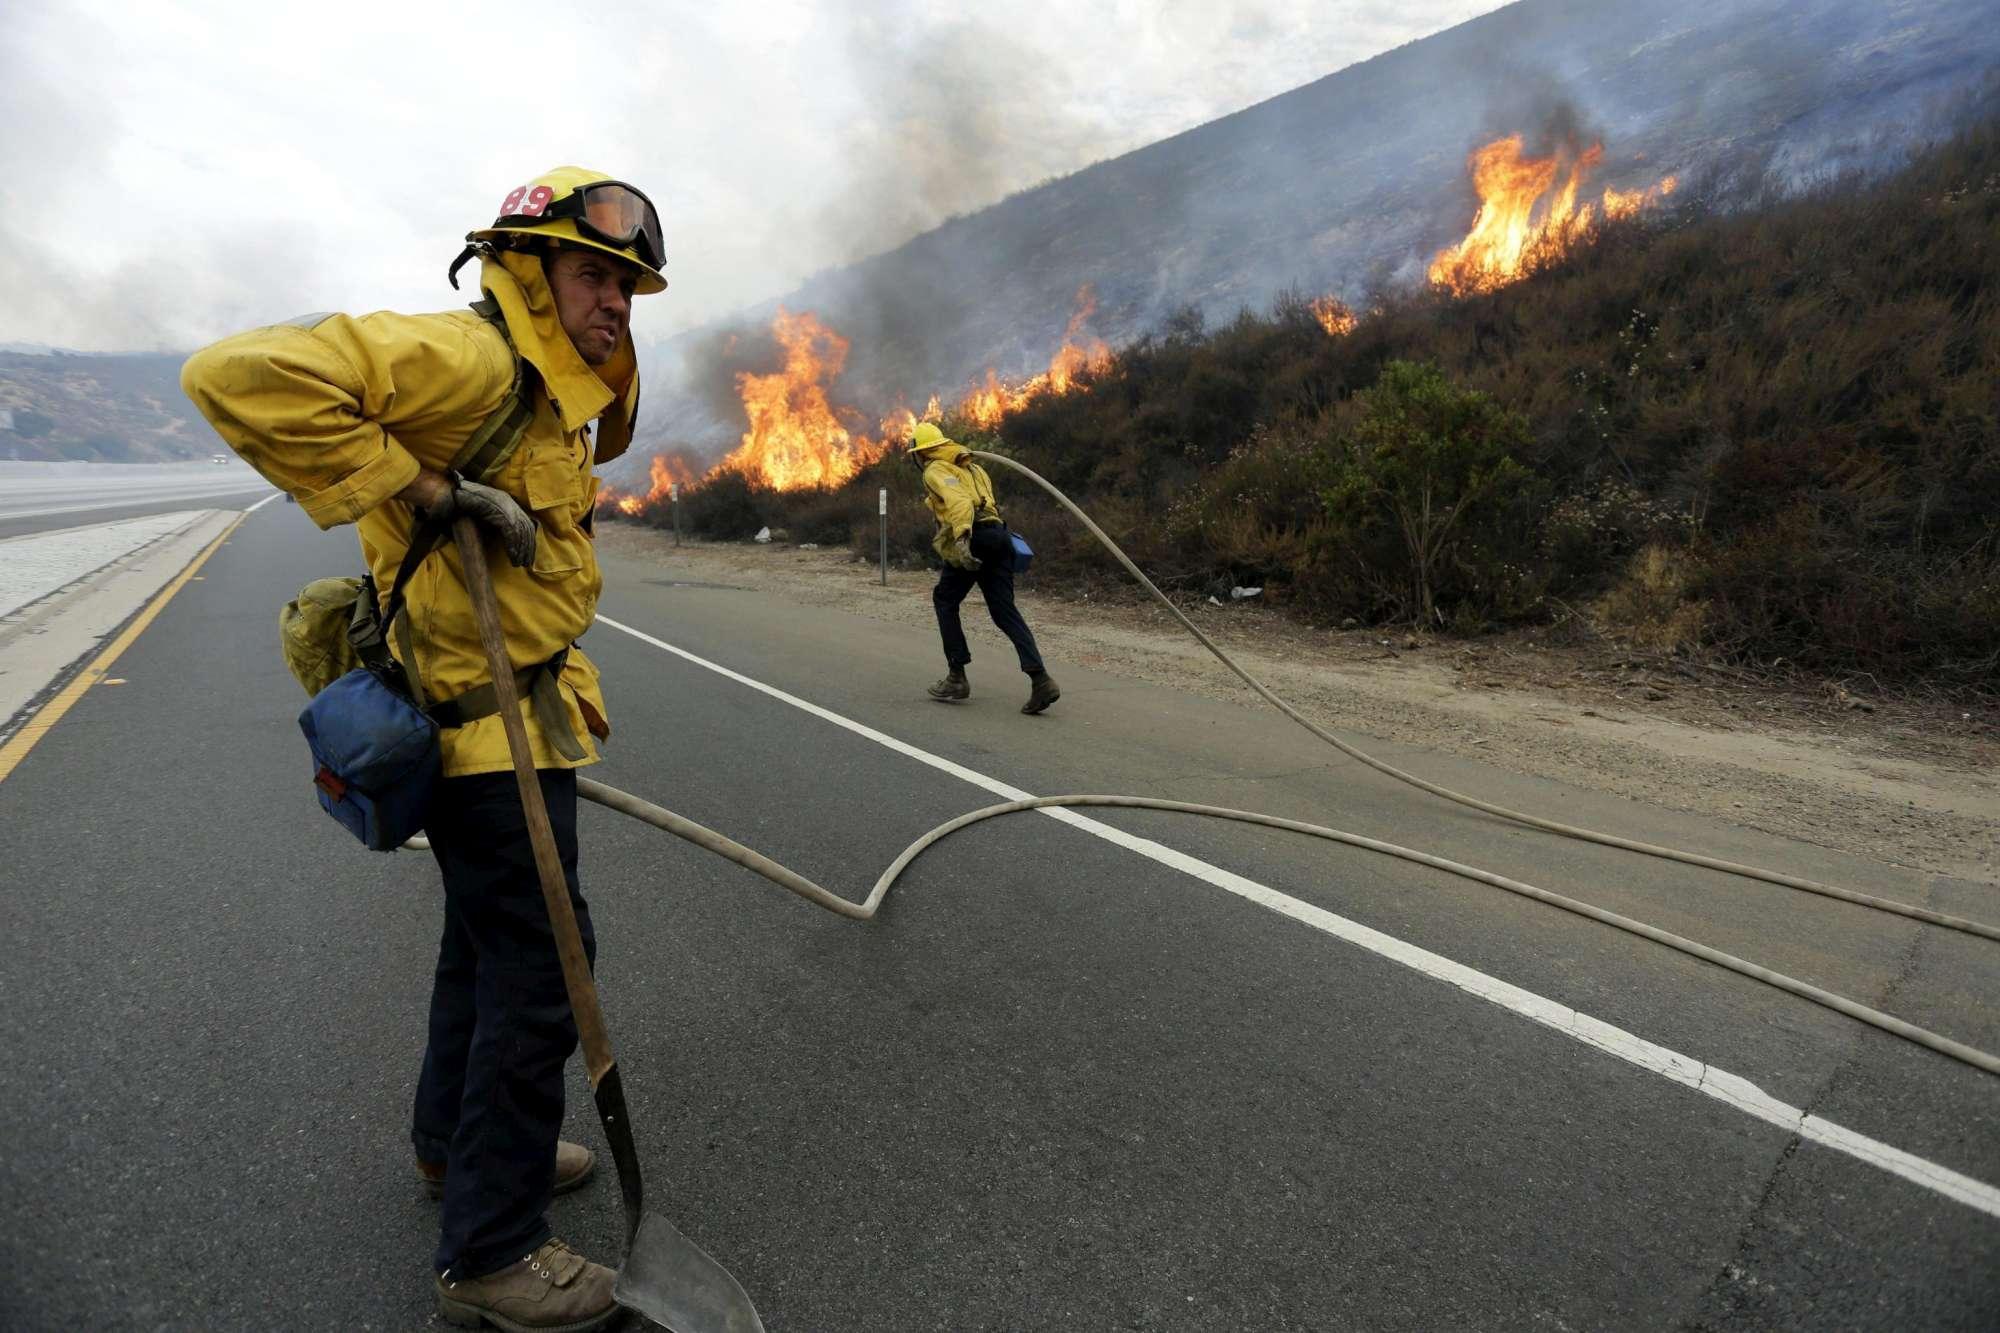 Los Angeles, in fiamme duemila ettari di terreno